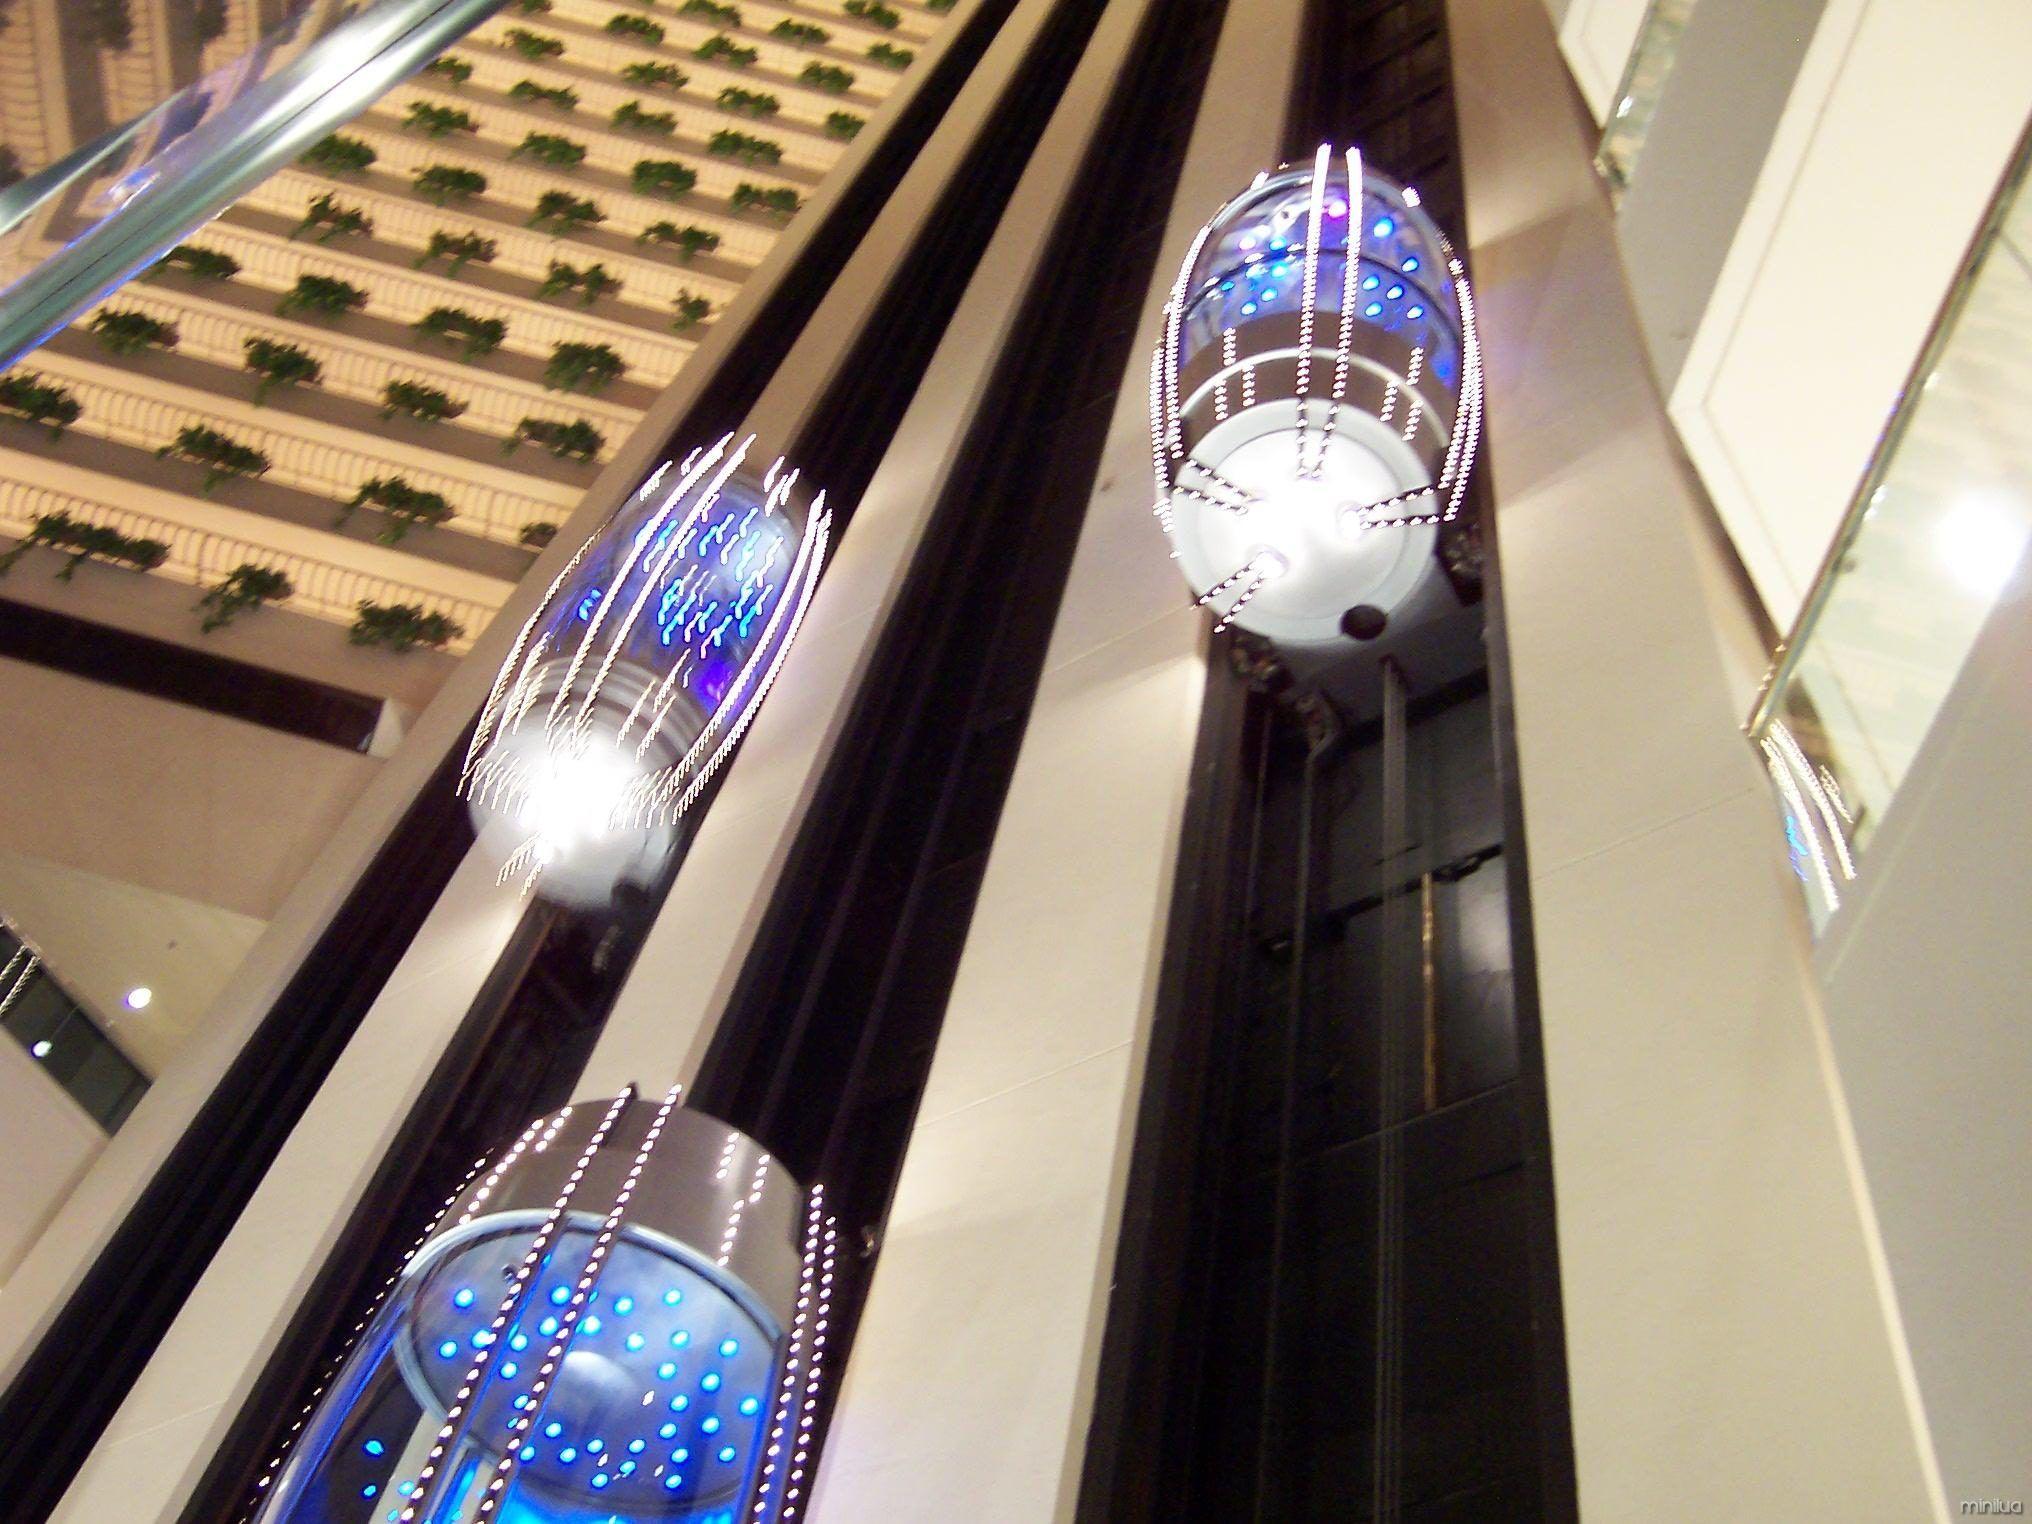 ¡Increíble! El elevador futurista SkyPod se desplaza por el exterior de un rascacielos